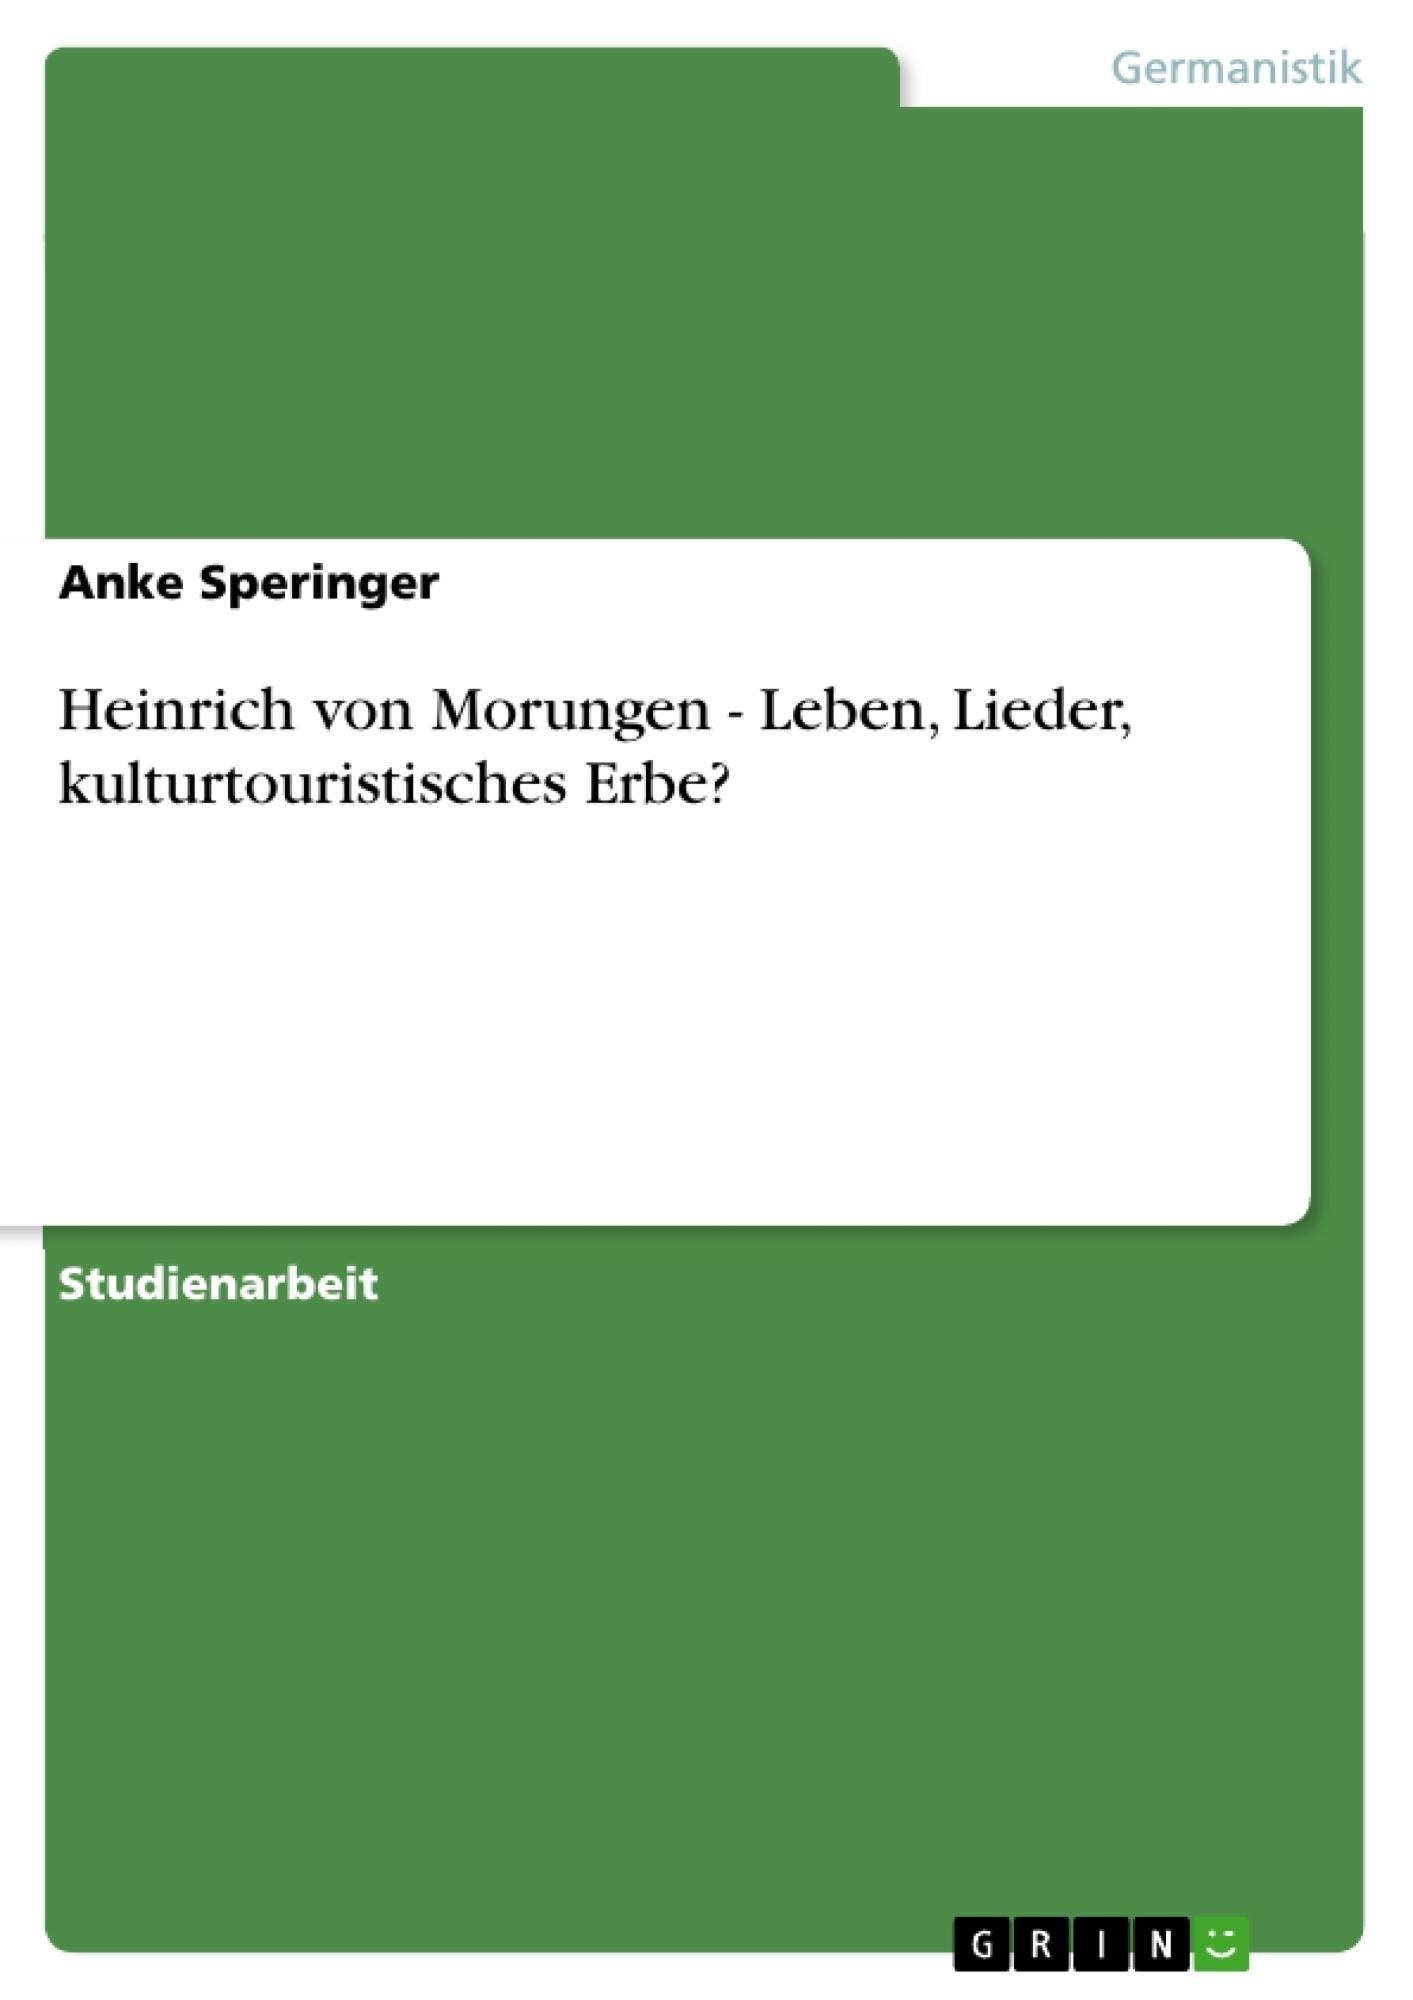 Titel: Heinrich von Morungen - Leben, Lieder, kulturtouristisches Erbe?